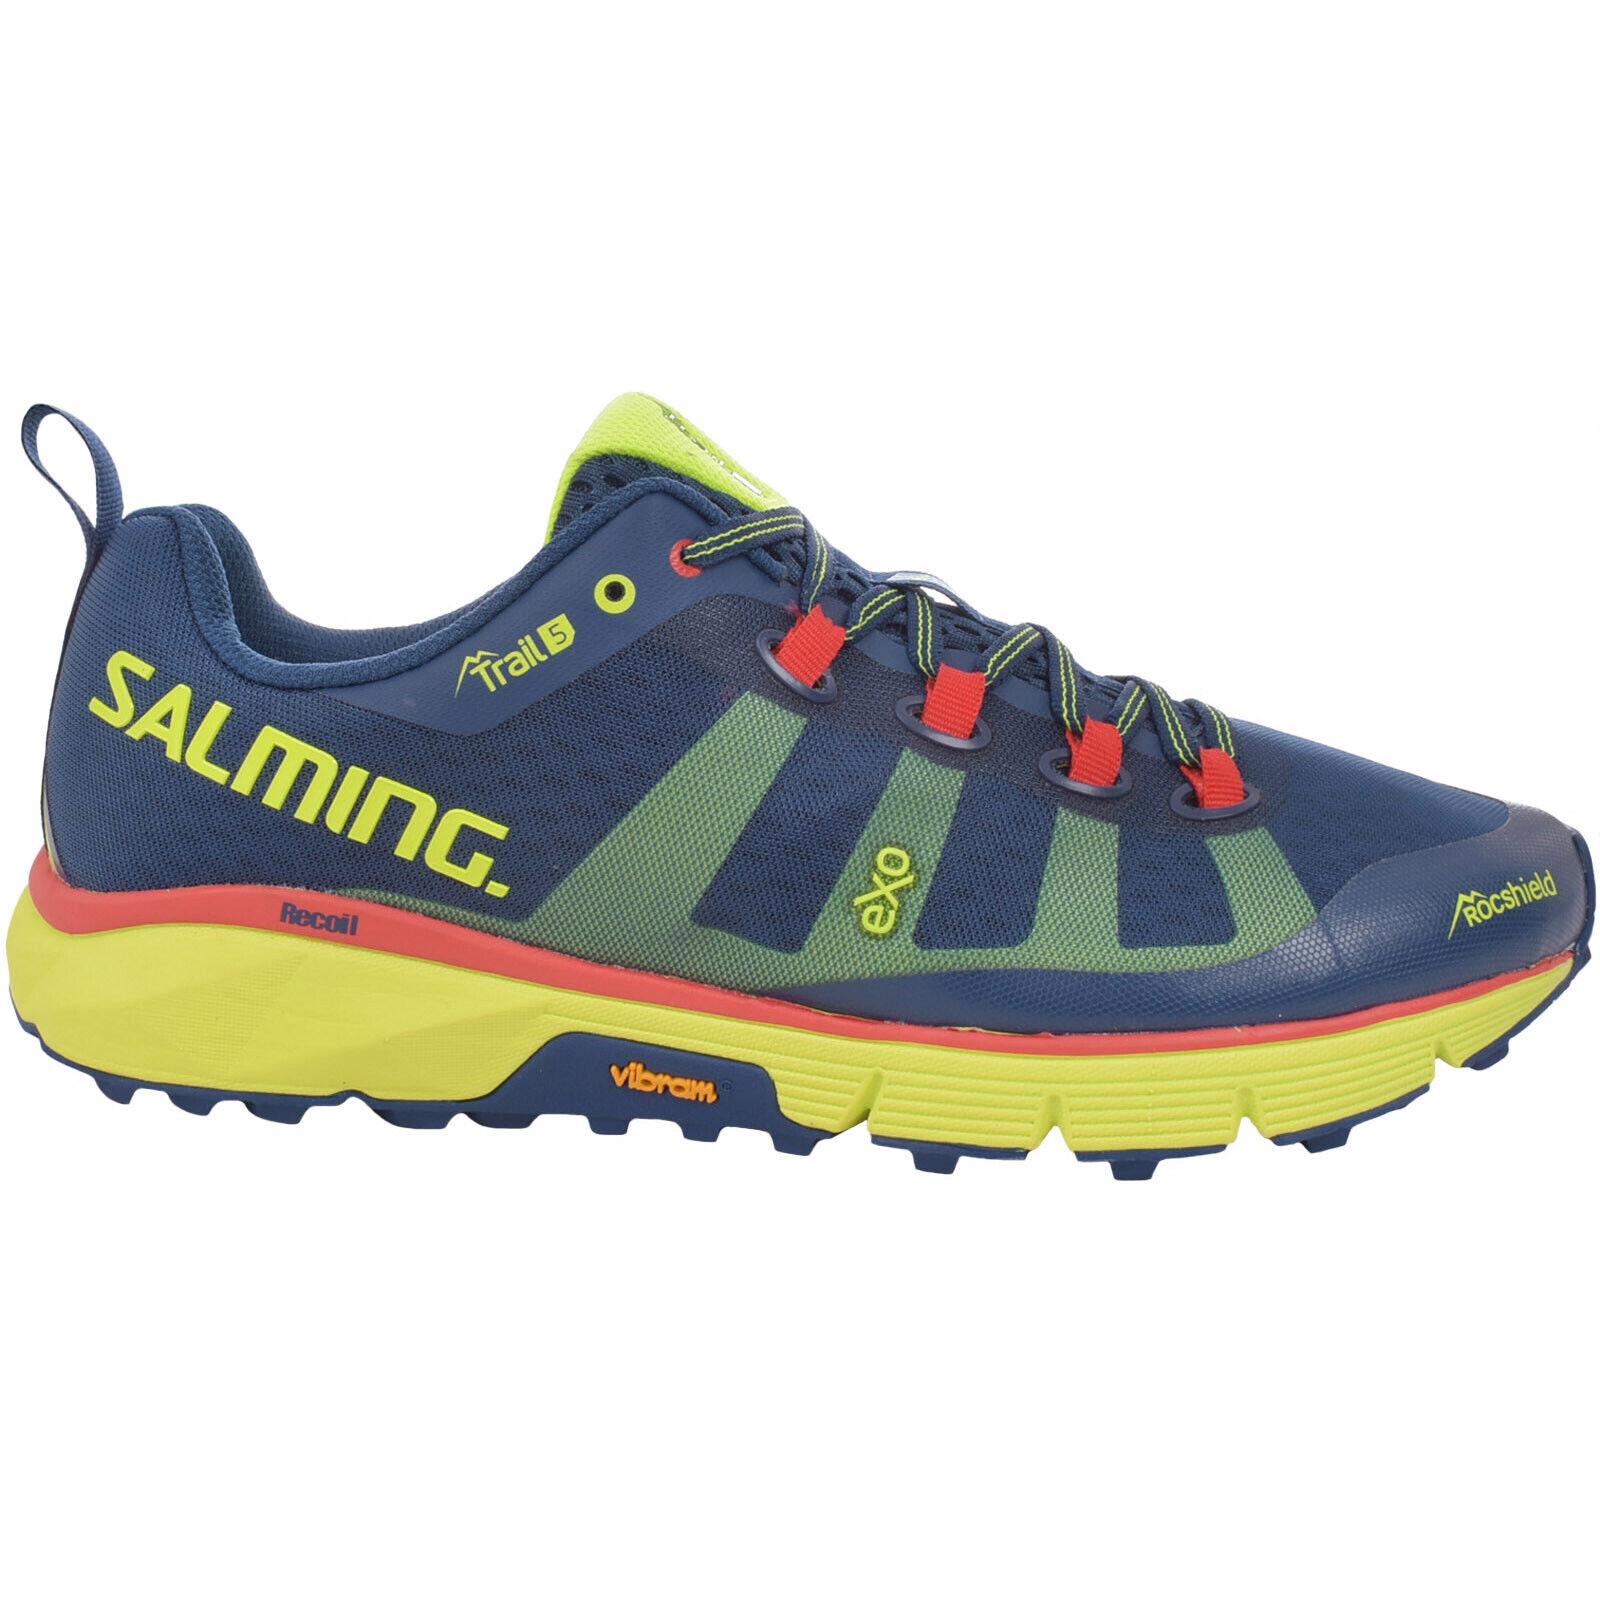 Salming Herren Trail 5 Wettbewerb Laufen Sports Training Turnschuhe - Blau